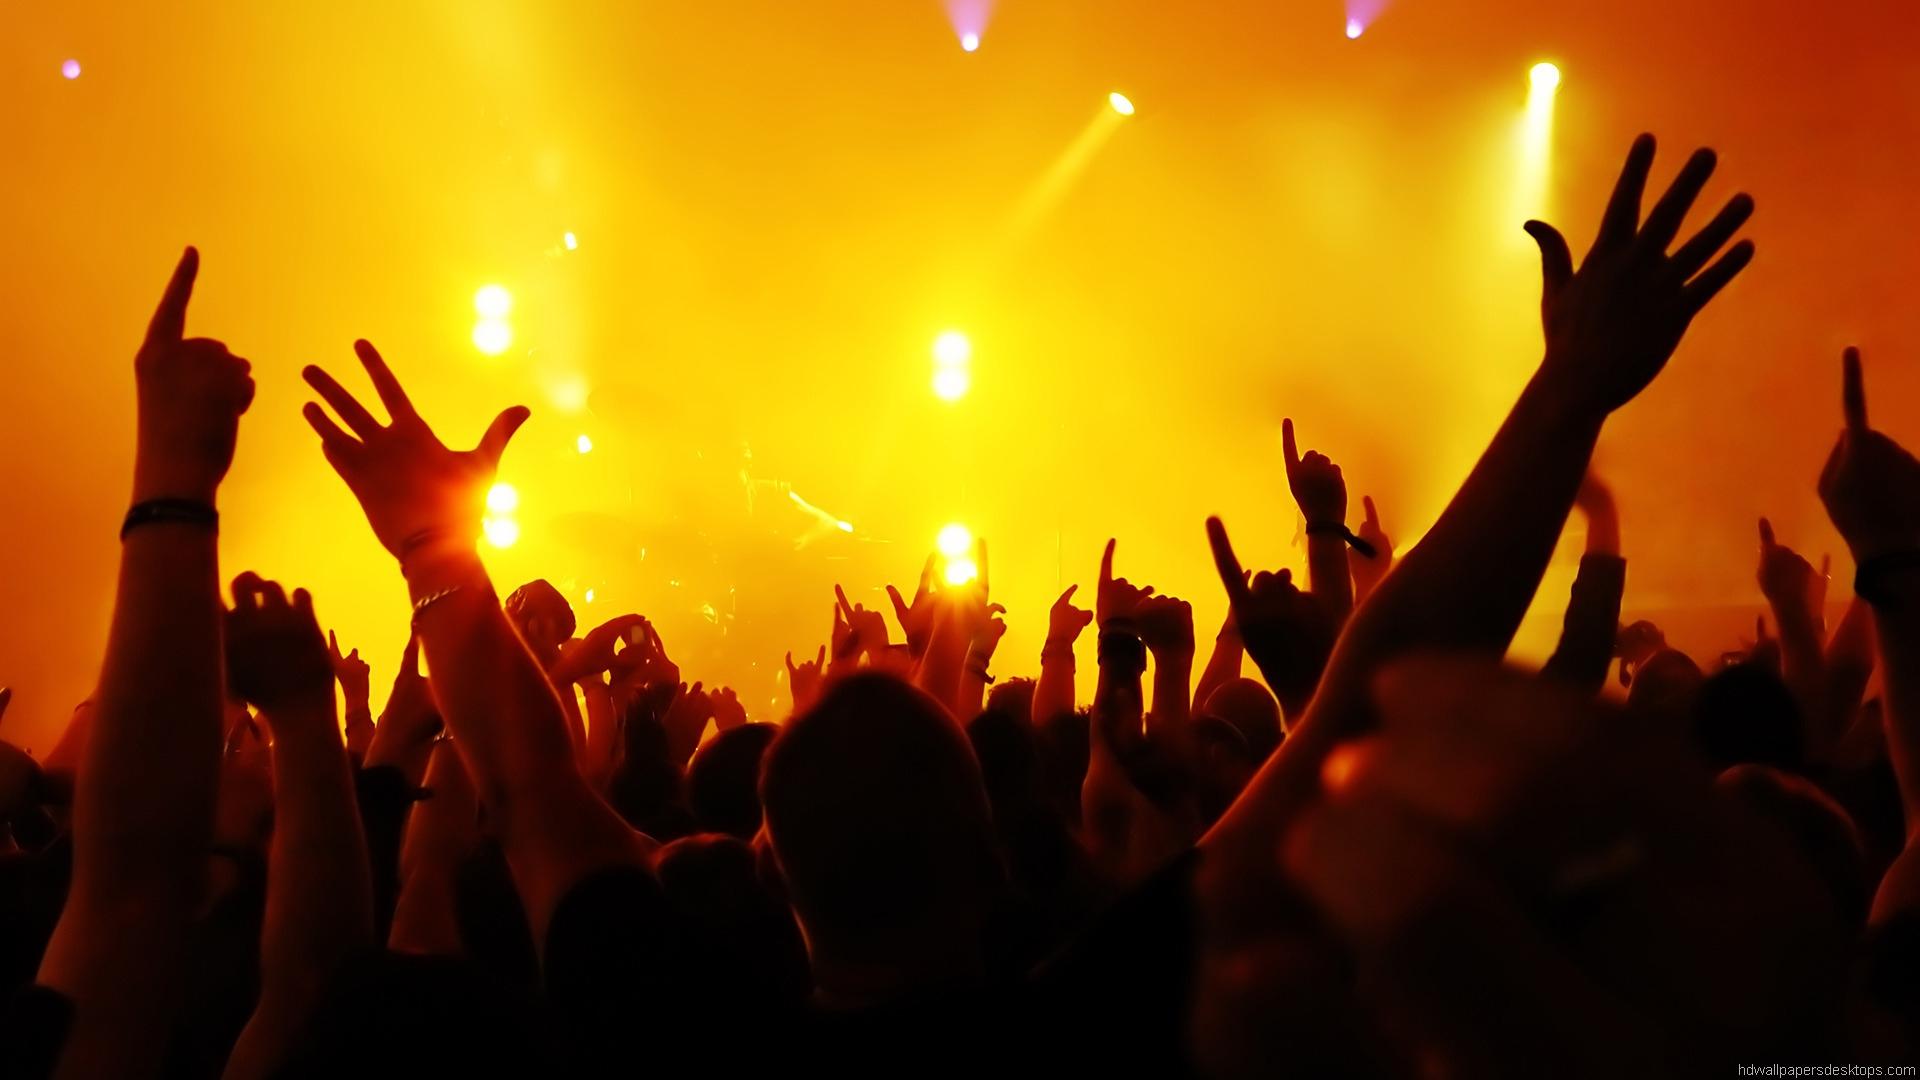 Gesundheitliche Vorteile des Hörens von Liedern